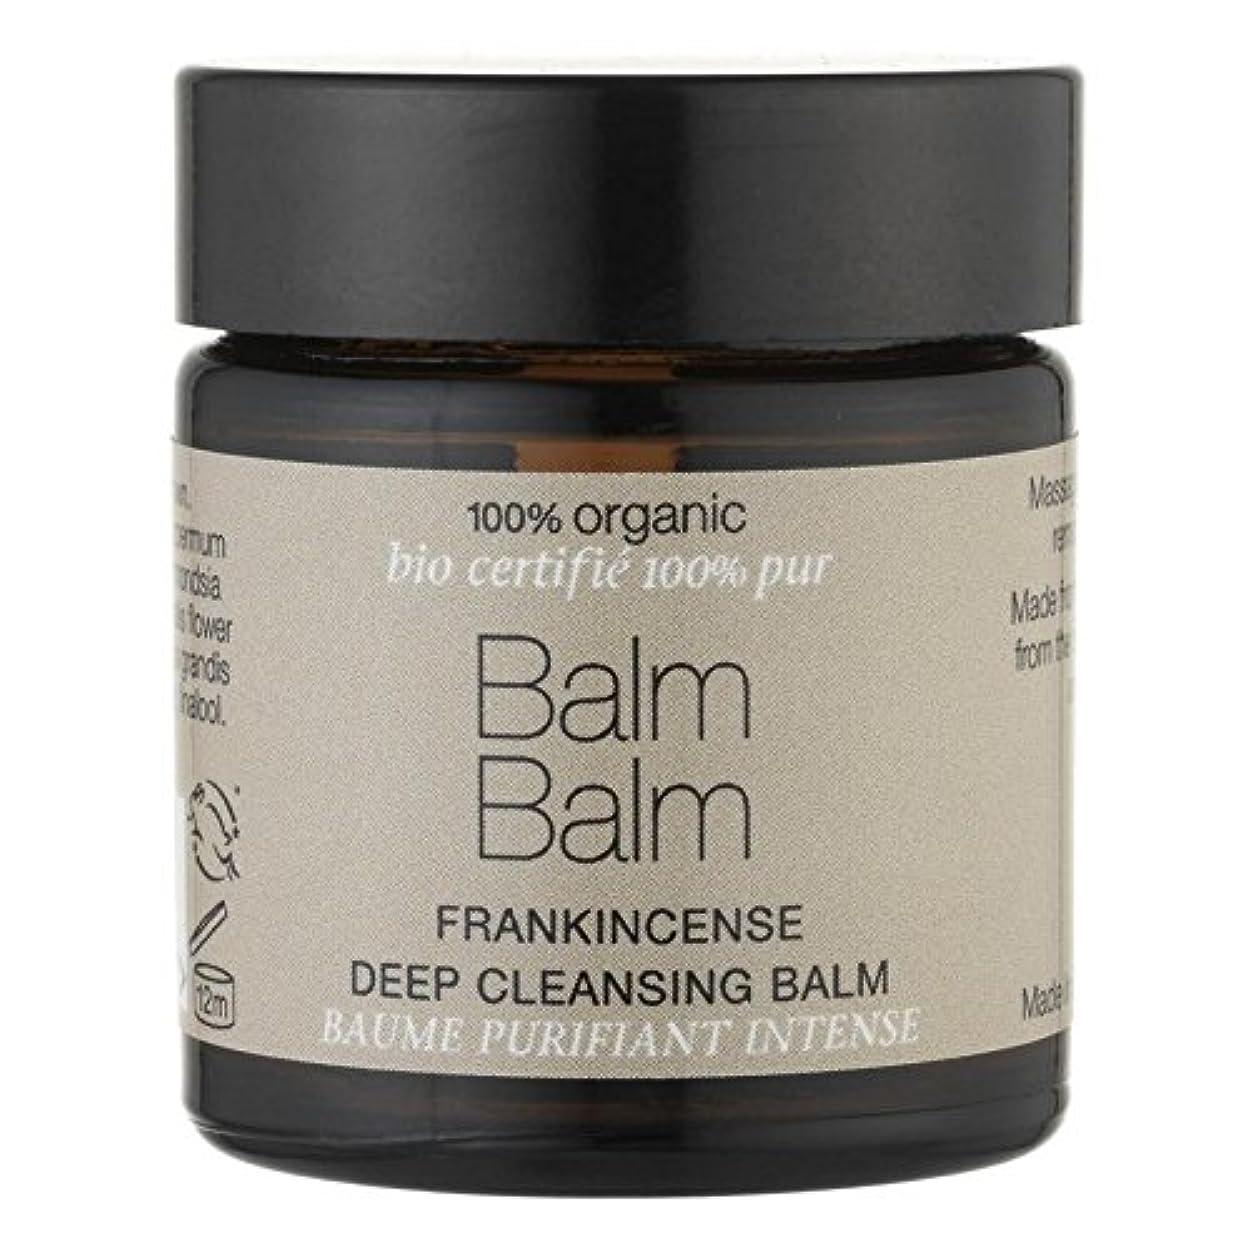 簡潔なショッキング器用バームバーム乳香有機ディープクレンジングクリーム30ミリリットル x4 - Balm Balm Frankincense Organic Deep Cleansing Balm 30ml (Pack of 4) [並行輸入品]